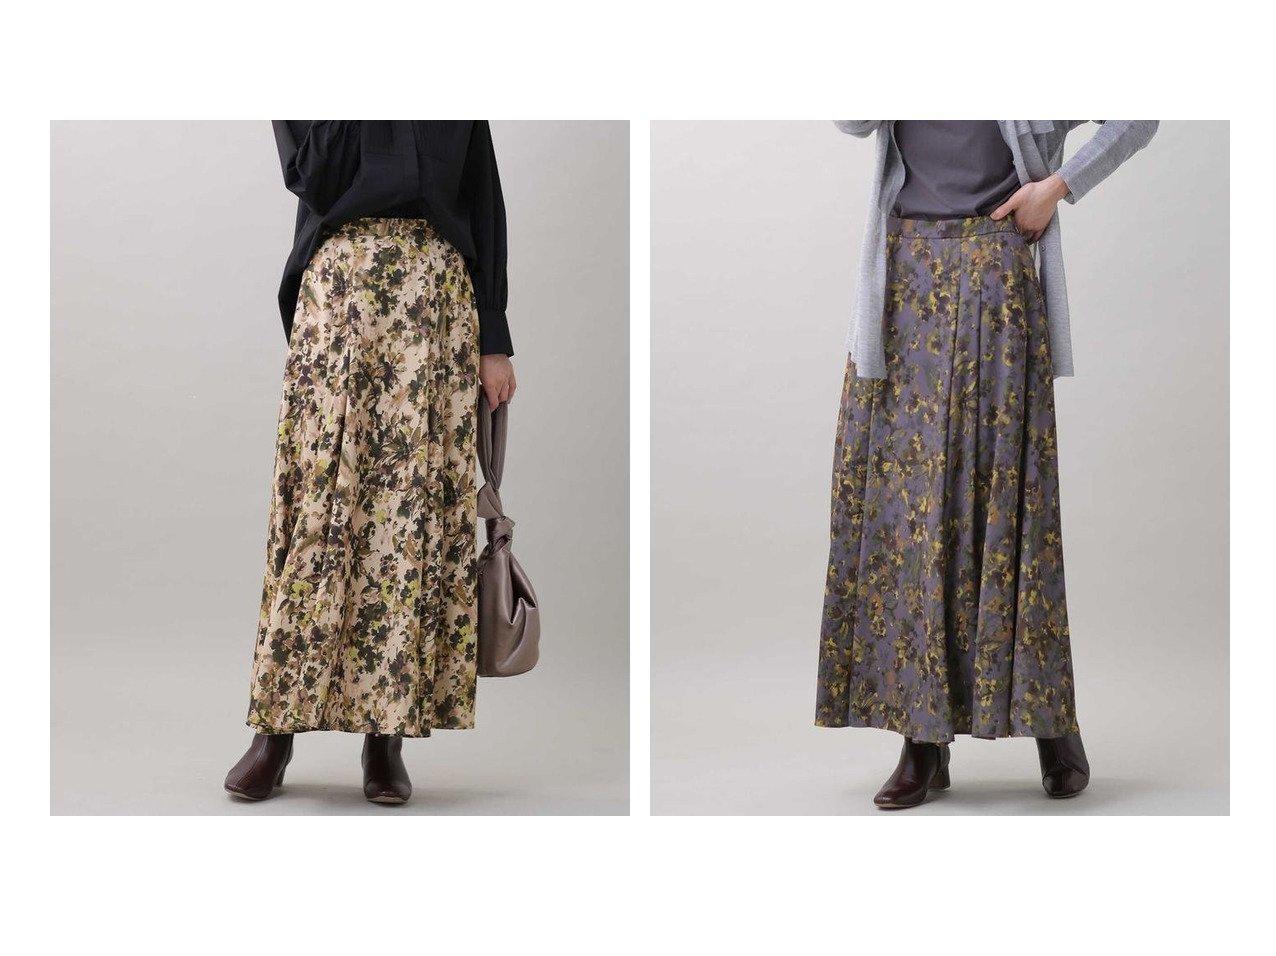 【nano universe/ナノ ユニバース】のフラワープリントフレアスカート スカートのおすすめ!人気、レディースファッションの通販 おすすめで人気のファッション通販商品 インテリア・家具・キッズファッション・メンズファッション・レディースファッション・服の通販 founy(ファニー) https://founy.com/ ファッション Fashion レディース WOMEN スカート Skirt Aライン/フレアスカート Flared A-Line Skirts ウォッシャブル ギャザー フラワー フレア プリント |ID:crp329100000004885